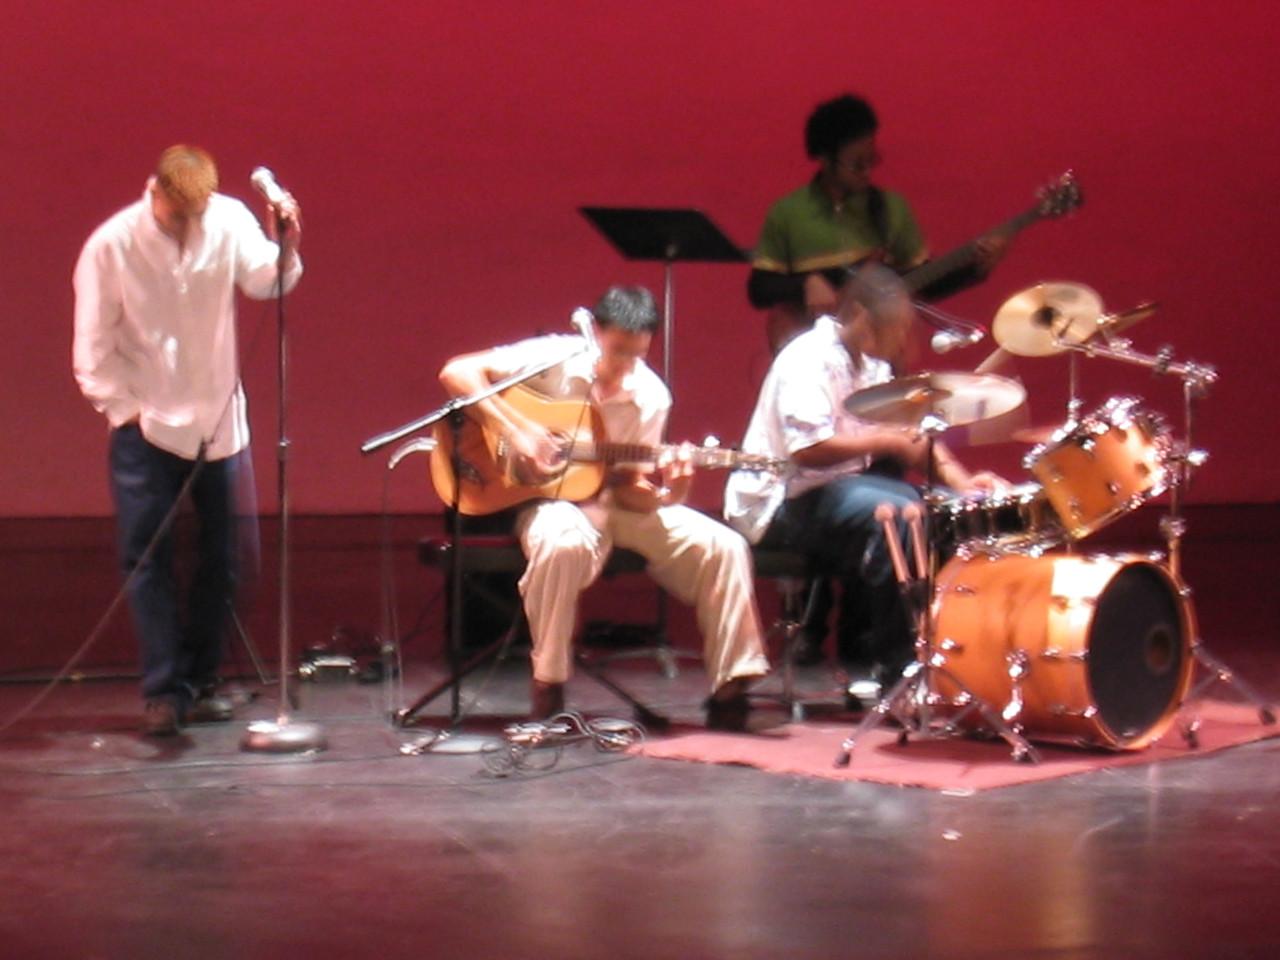 2003 11 15 Saturday - The Movement Showcase - Interlude riff 2